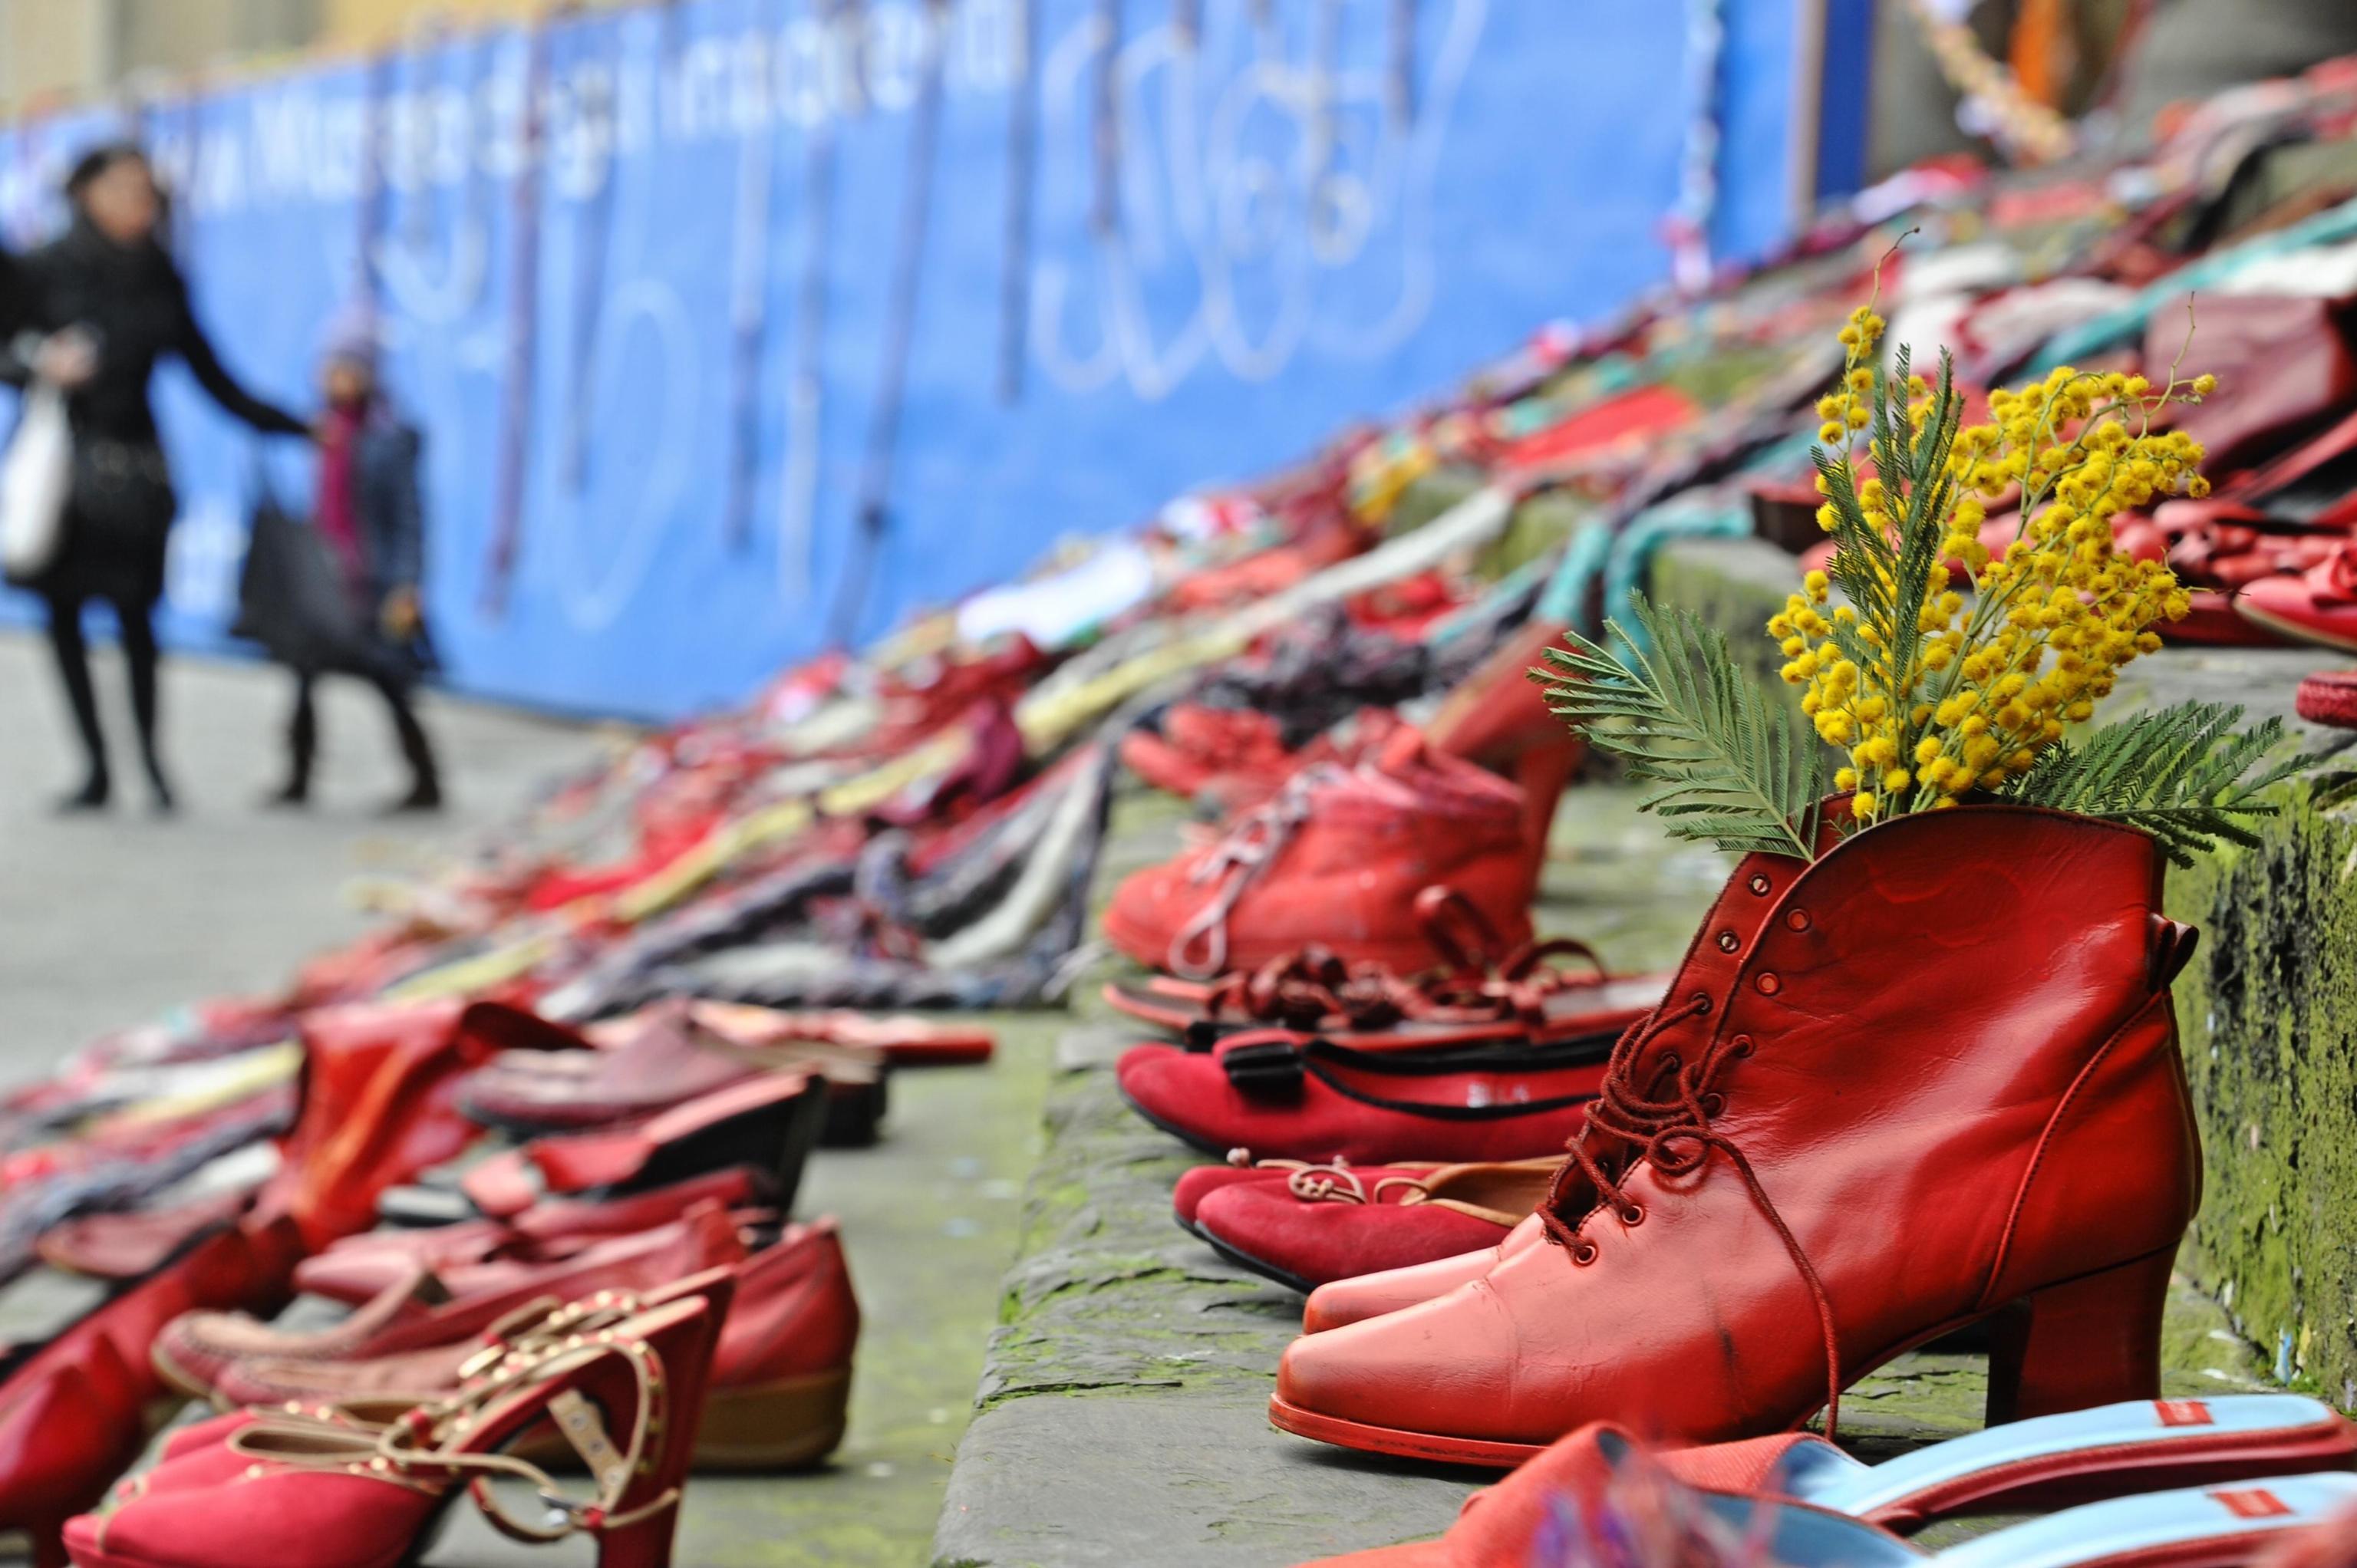 Giornata internazionale contro la violenza sulle donne, le iniziative in Italia